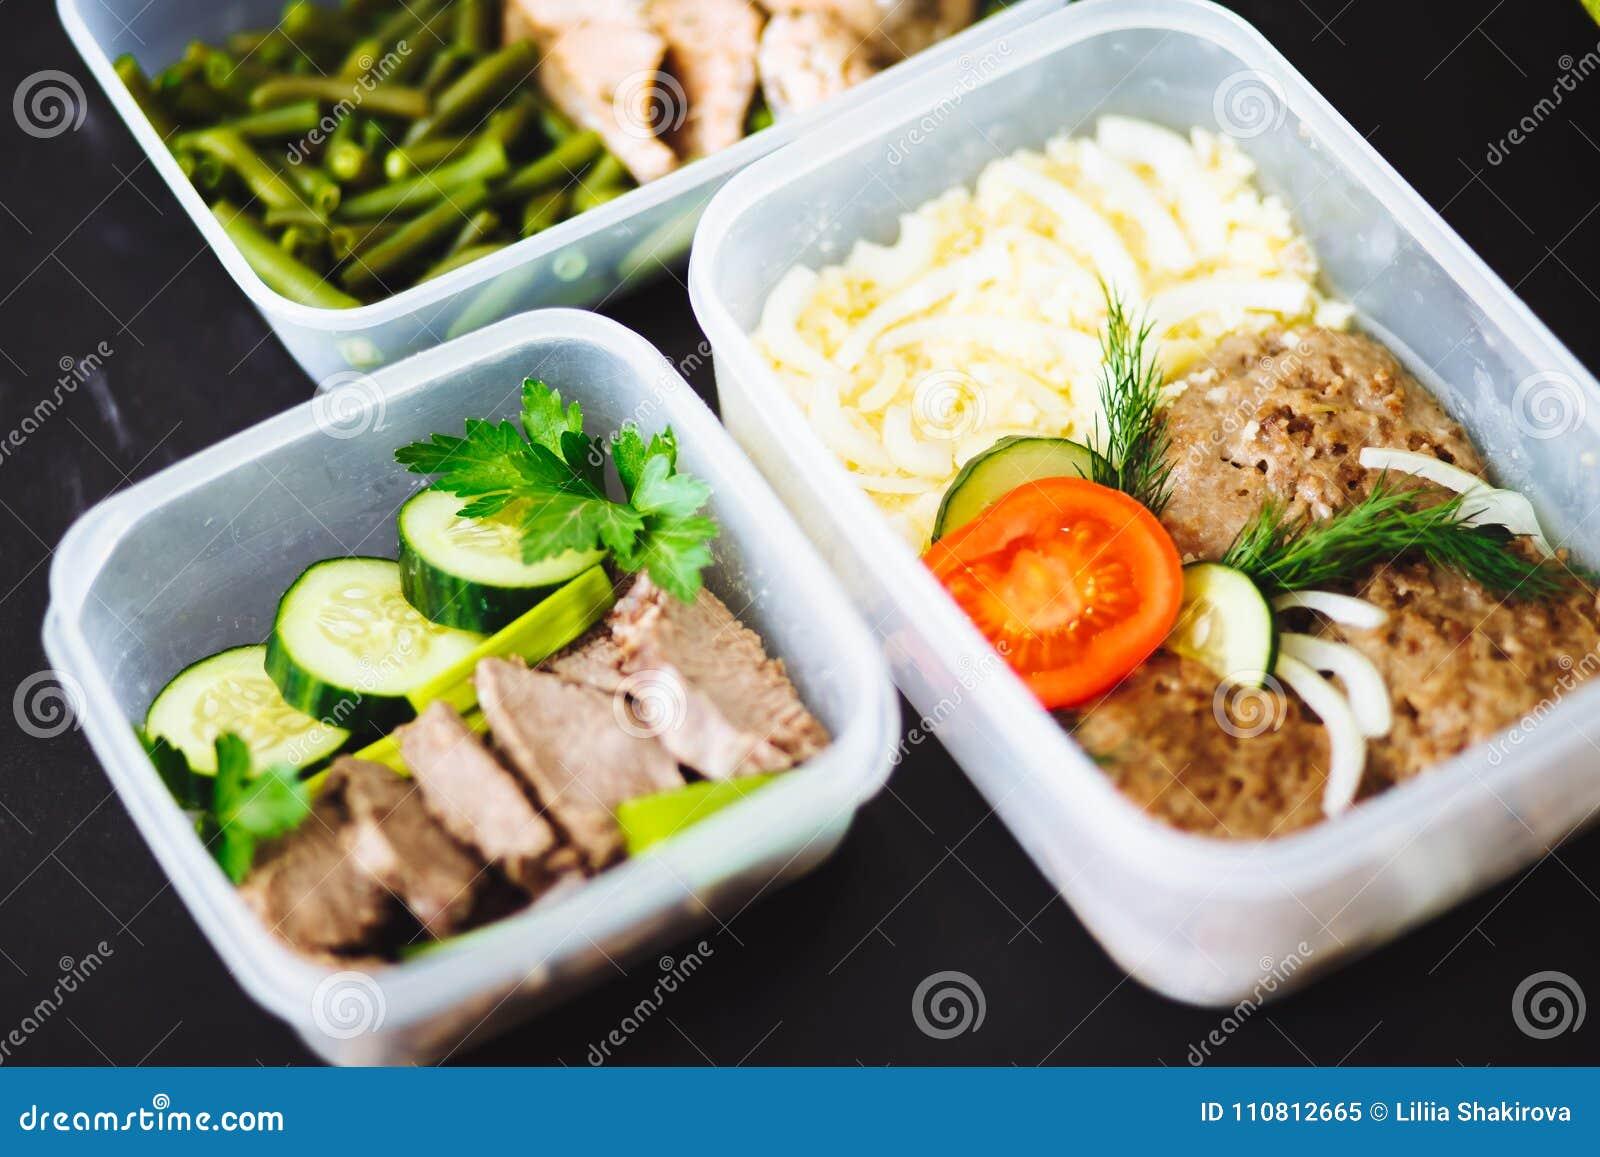 Den sunda maten i behållarna på svart bakgrund: mellanmål matställe, lunch Den bakade fisken, bönor, nötköttkotletter, mosade pot